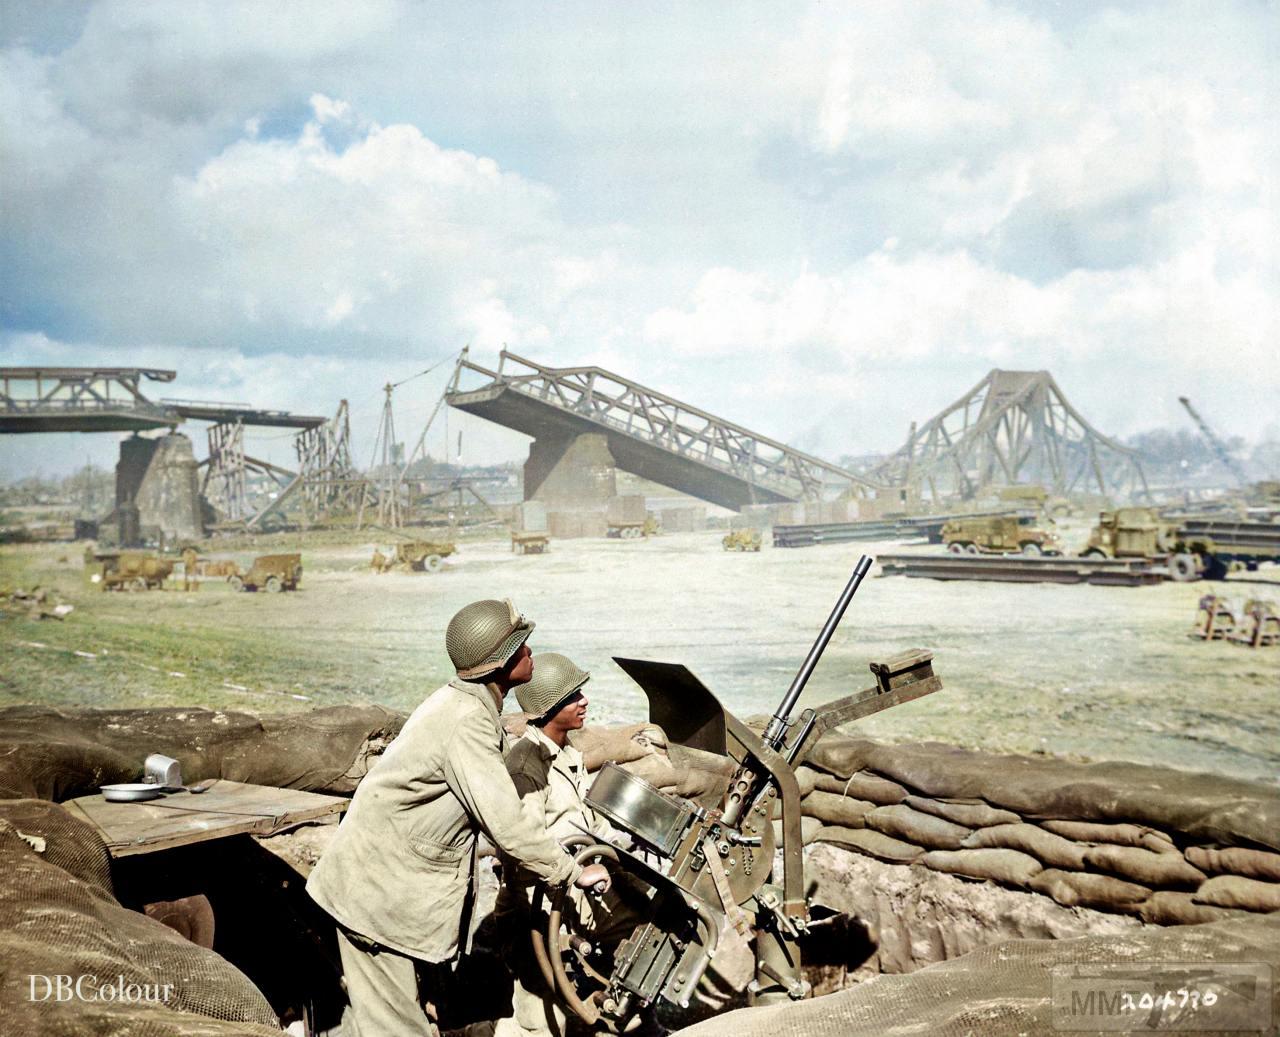 109568 - Военное фото 1939-1945 г.г. Западный фронт и Африка.